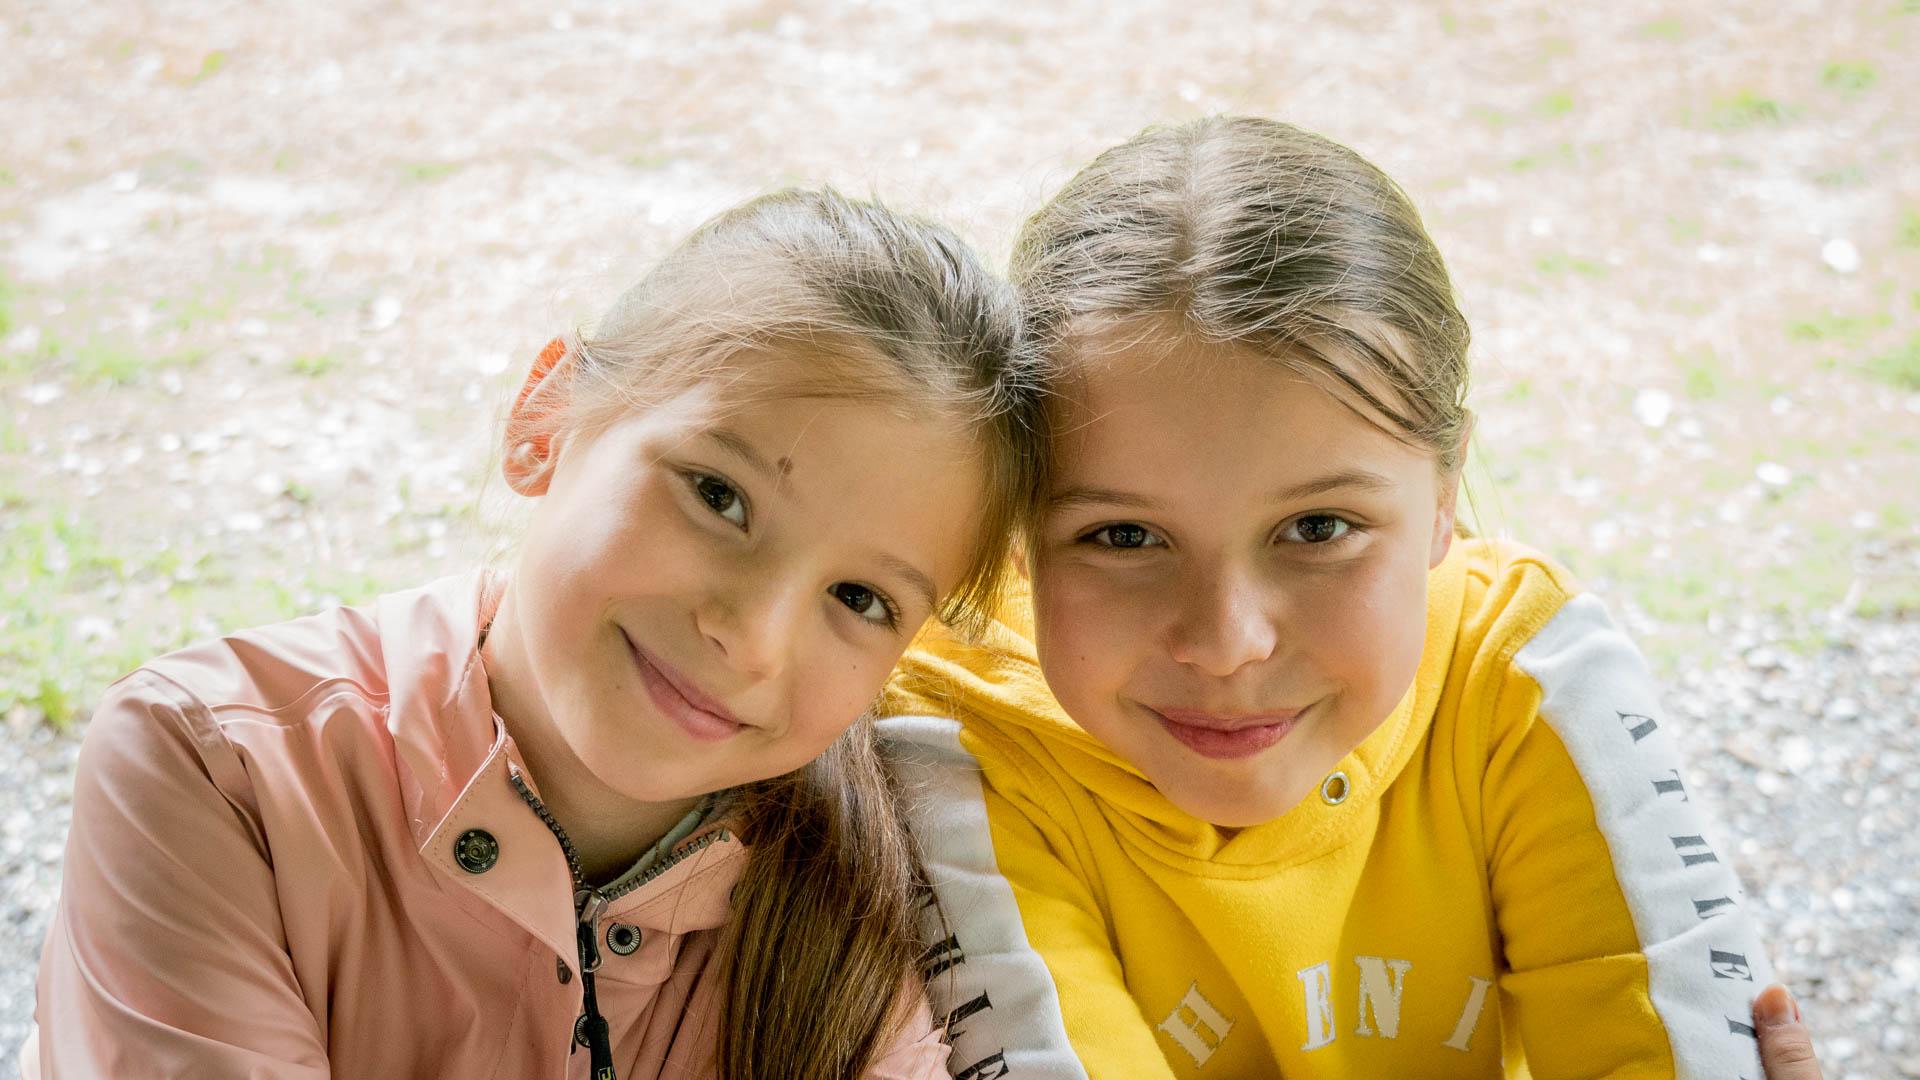 Ioana et Ema ont rencontré plein de nouveaux amis